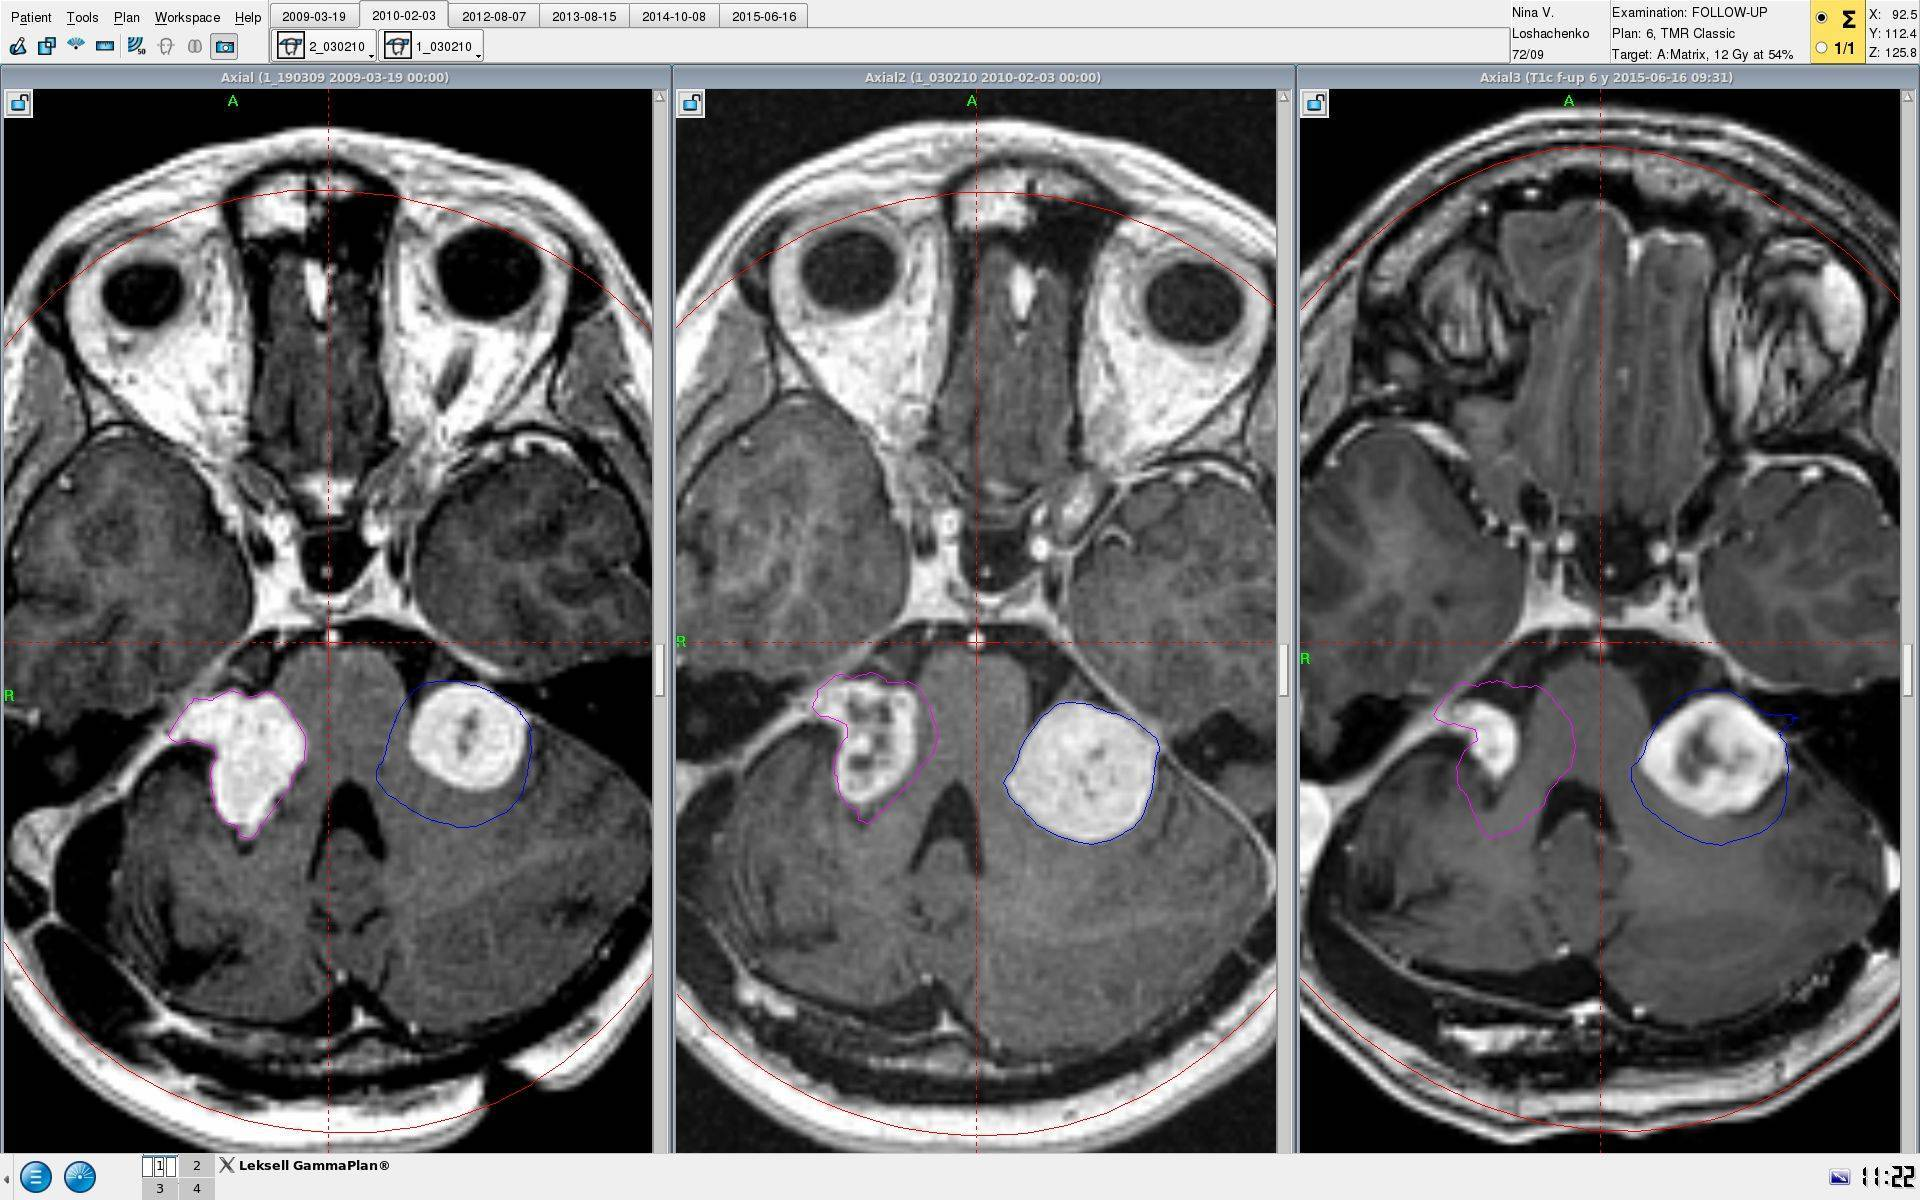 Невринома слухового нерва, симптомы и лечение опухоли, реабилитаця — симптомы